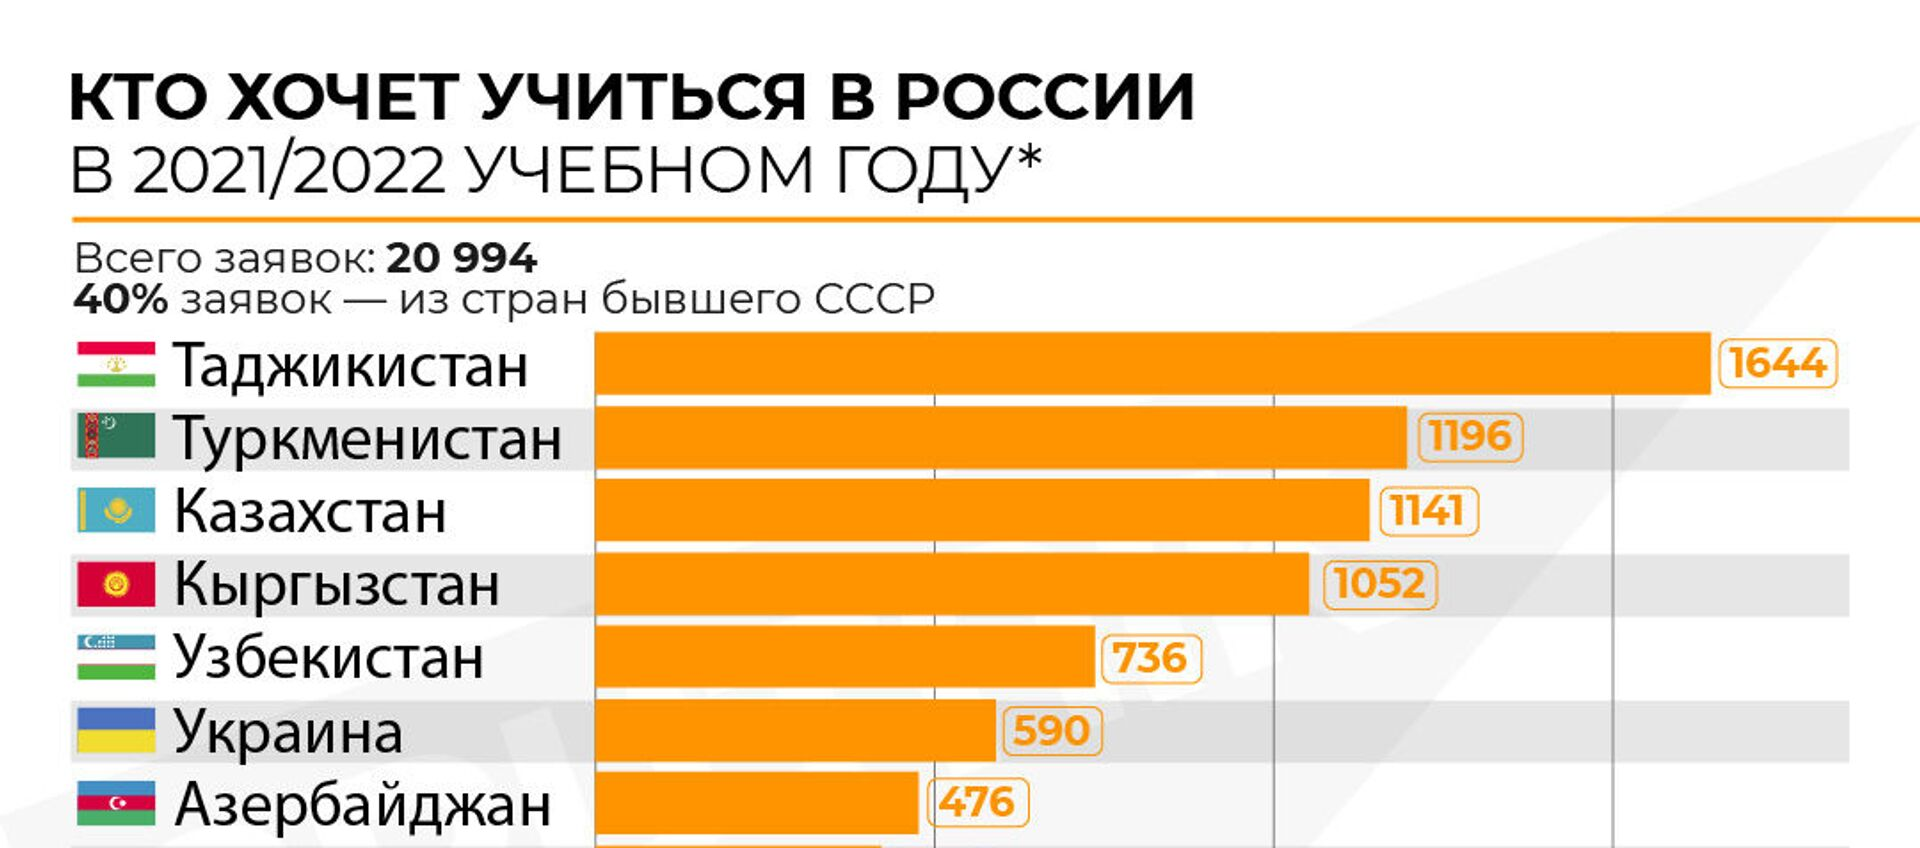 Инфографика: Кто хочет учиться в России - Sputnik Азербайджан, 1920, 13.02.2021